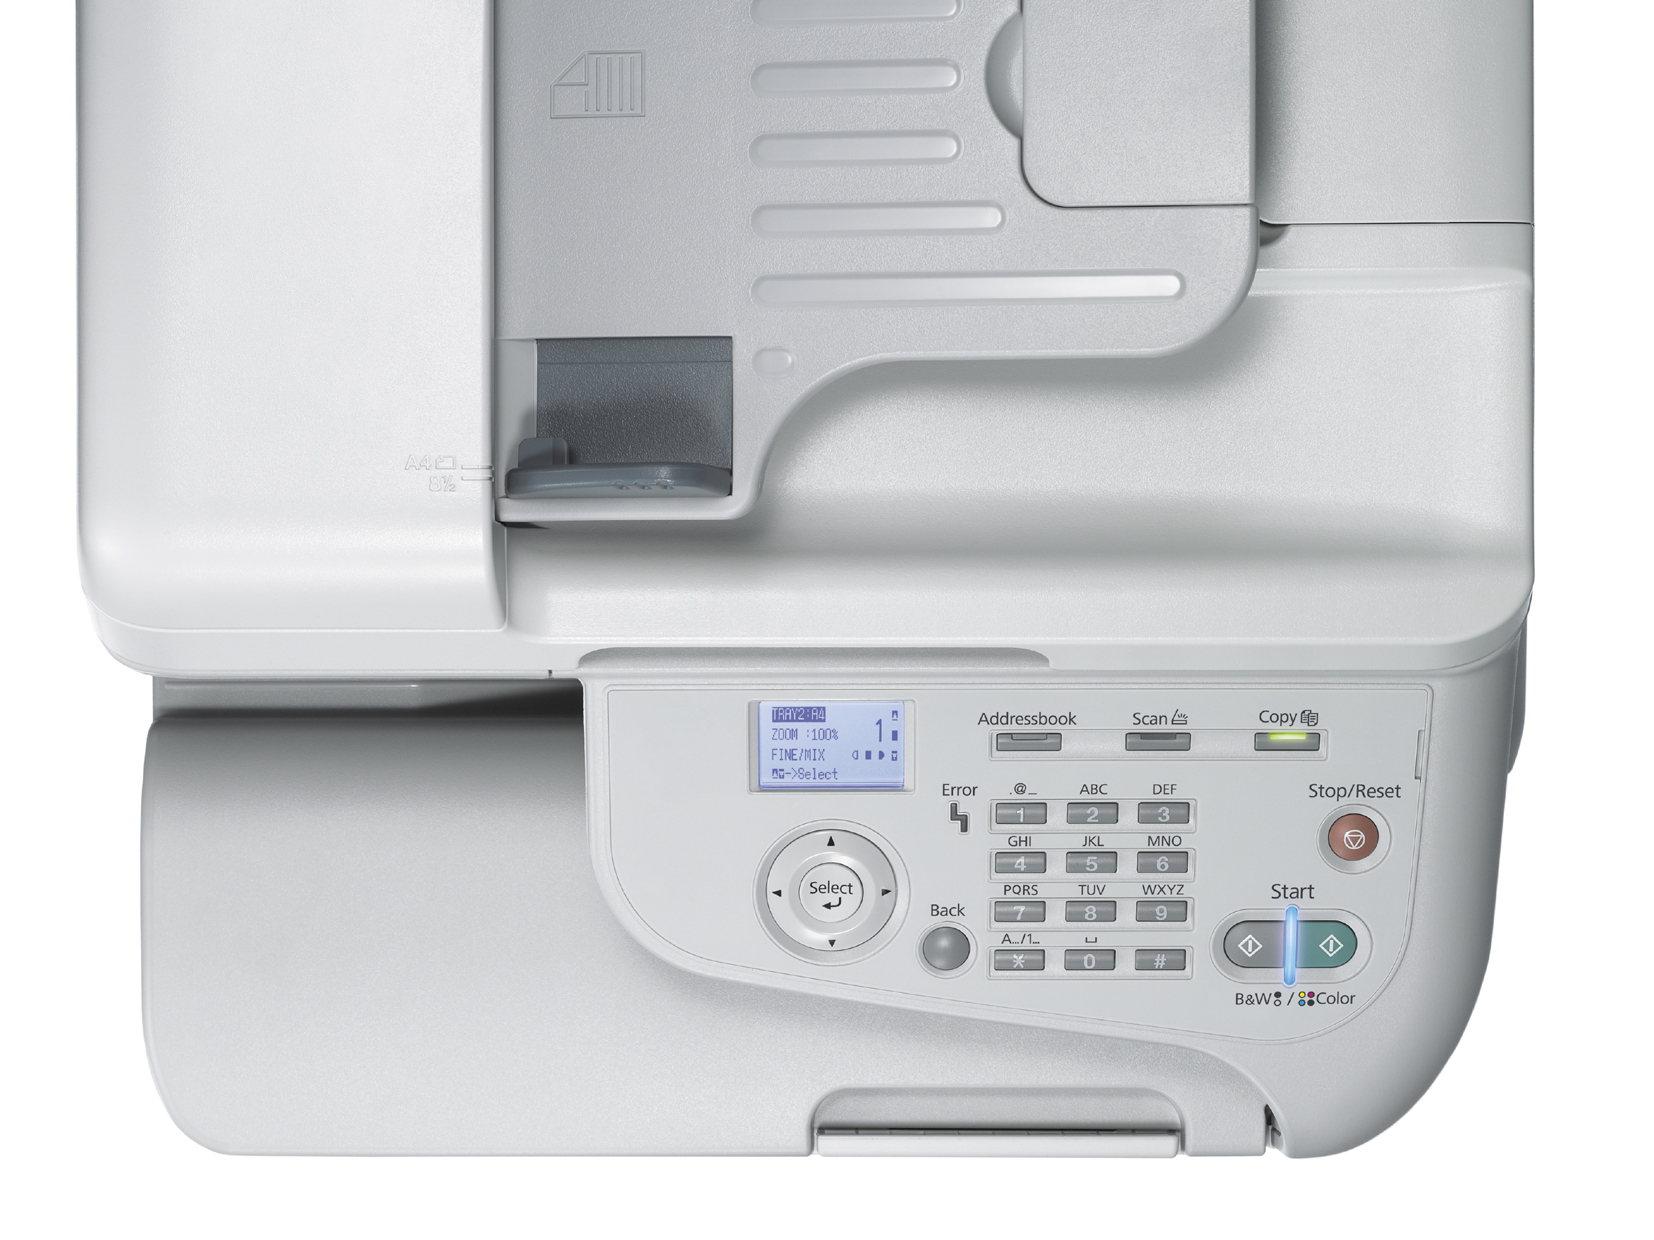 Epson: Aculaser-Multifunktionsgeräte für hohe Druckauflagen - Epson Aculaser CX37 (Bild: Epson)